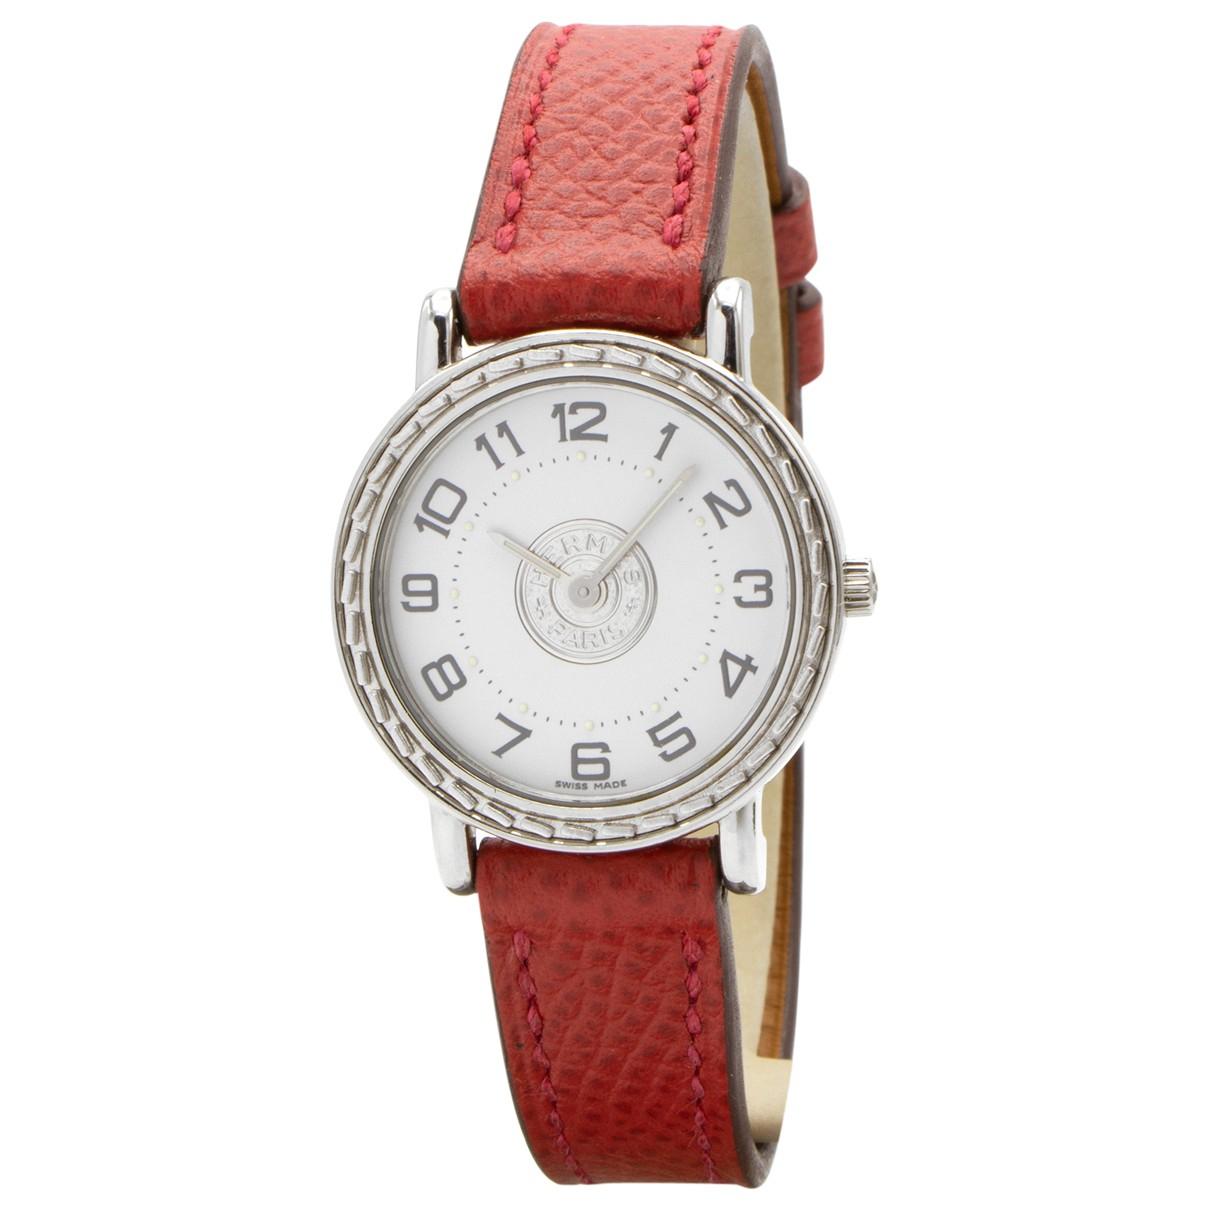 Hermes Sellier Uhr in  Rot Stahl